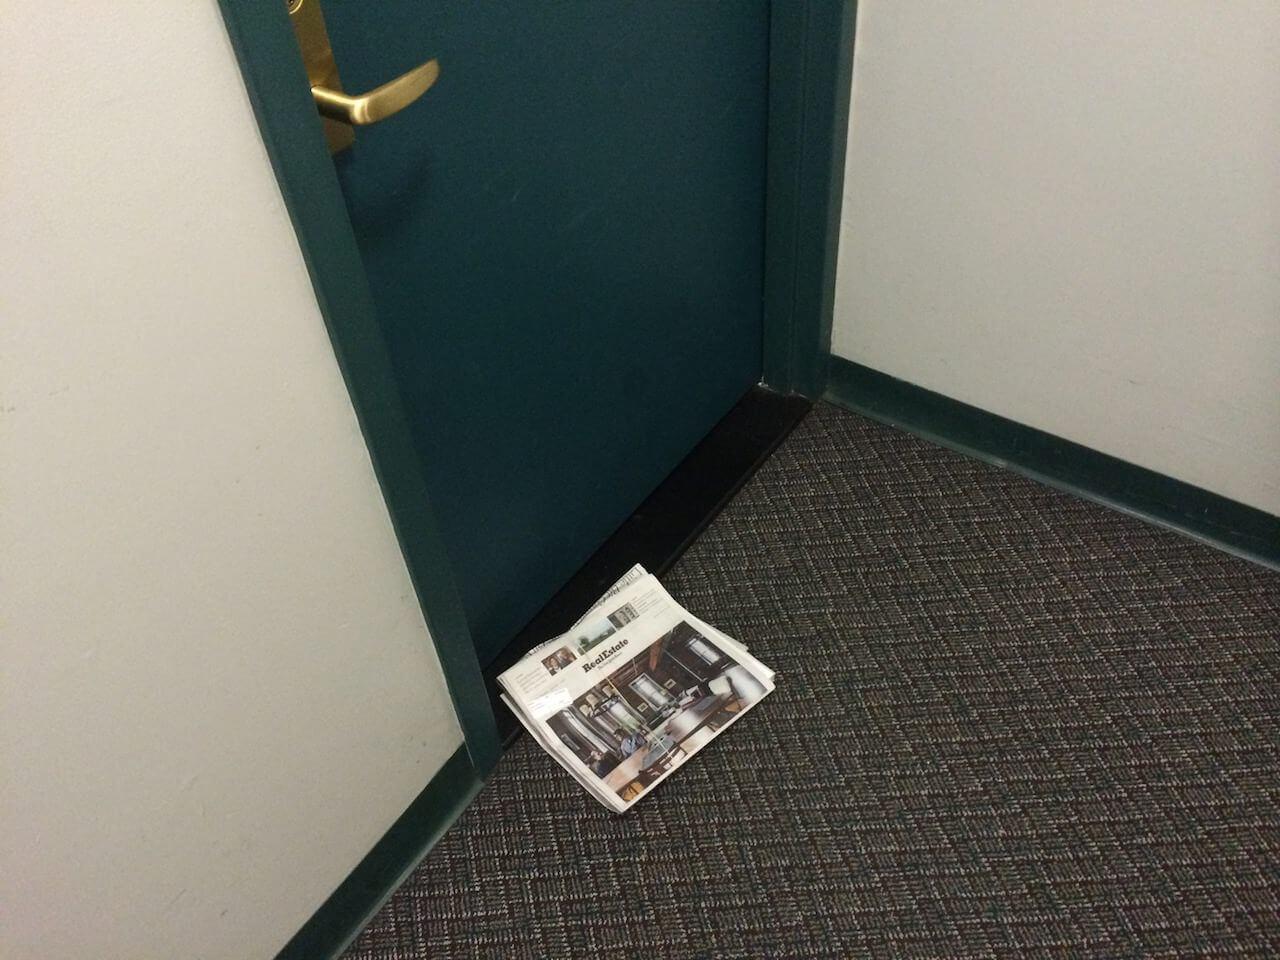 Prasą dostarczaną pod drzwi. To jedyna gazeta, jaką miałem w rękach w tym roku. I zapewne ostatnia.